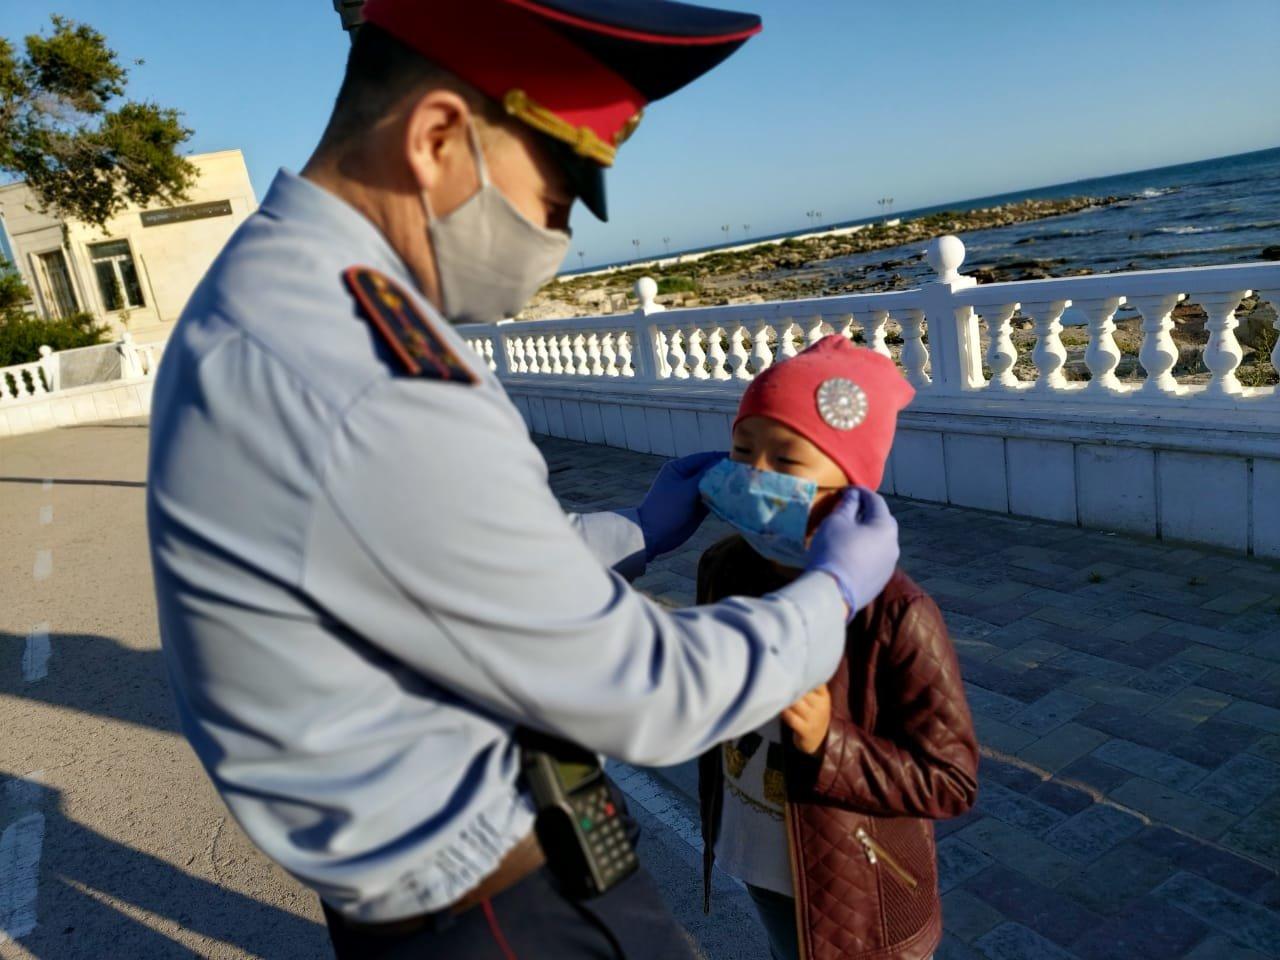 В Актау полицейские раздали маски детям, фото-1